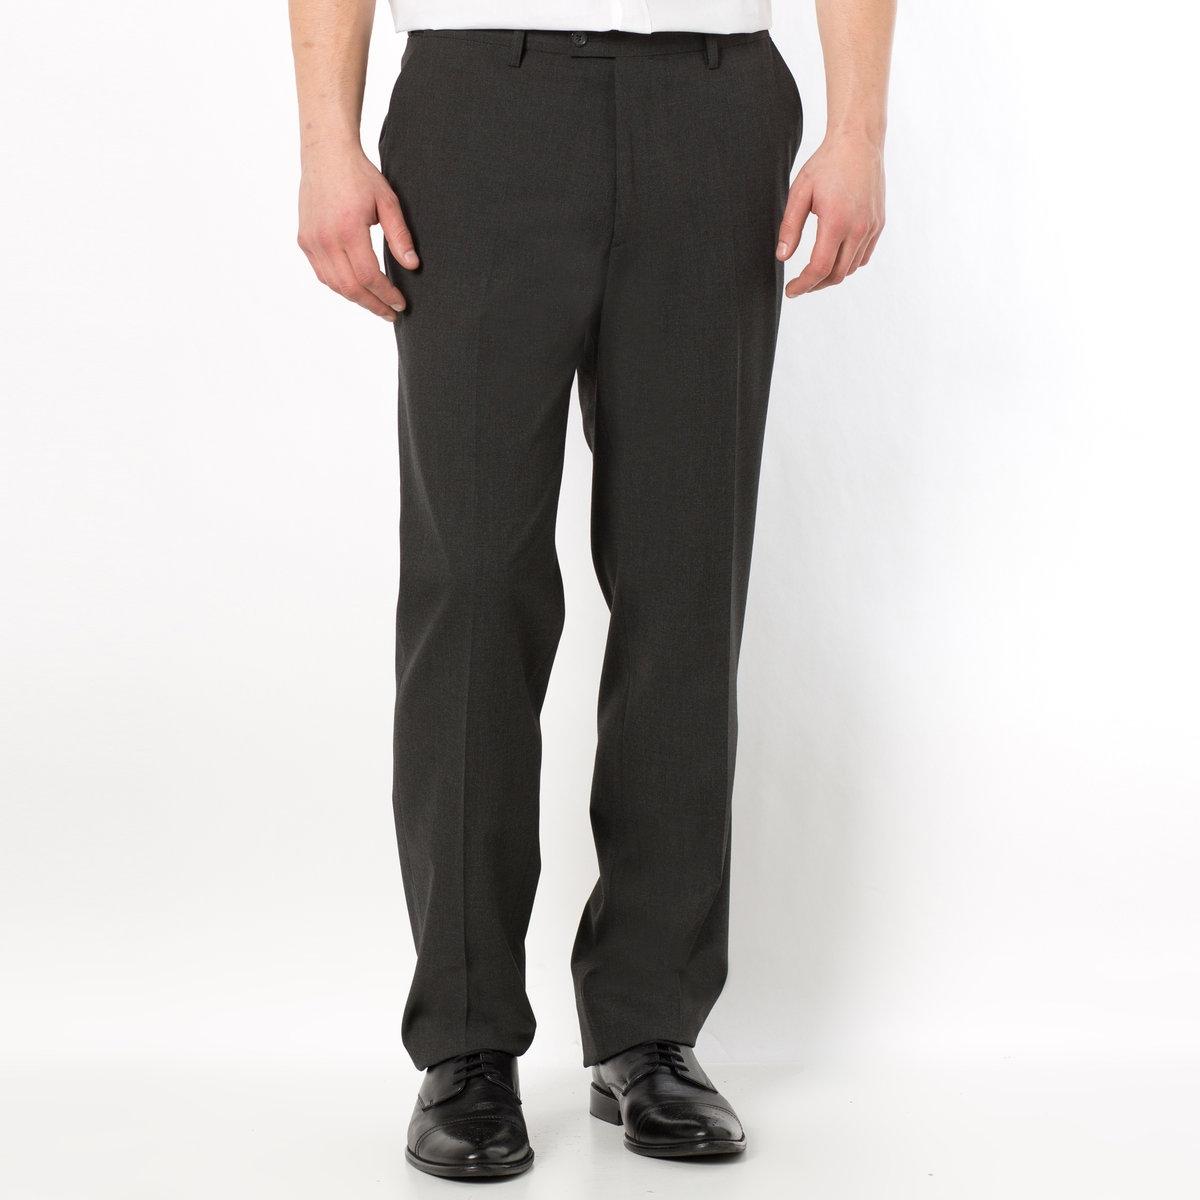 Брюки от костюма без защипов из ткани стретч, длина.2Можно носить как в сочетании с пиджаком, так и отдельно. Полнота пояса регулируется и подстраивается под любую морфологию. Застежка на молнию, пуговицу и крючок. 2 косых кармана. 1 прорезной карман с пуговицей сзади. Необработанный низ. Длина 2 : при росте от 187 см.- Длина по внутр.шву : 91,8-94,8 см, в зависимости от размера. - Ширина по низу : 21,4-27,4 см, в зависимости от размера. Есть также модель длины 1: при росте до 187 см. Есть также модель с защипами.<br><br>Цвет: антрацит,темно-синий,черный<br>Размер: 54.48 (FR) - 54 (RUS).58.64